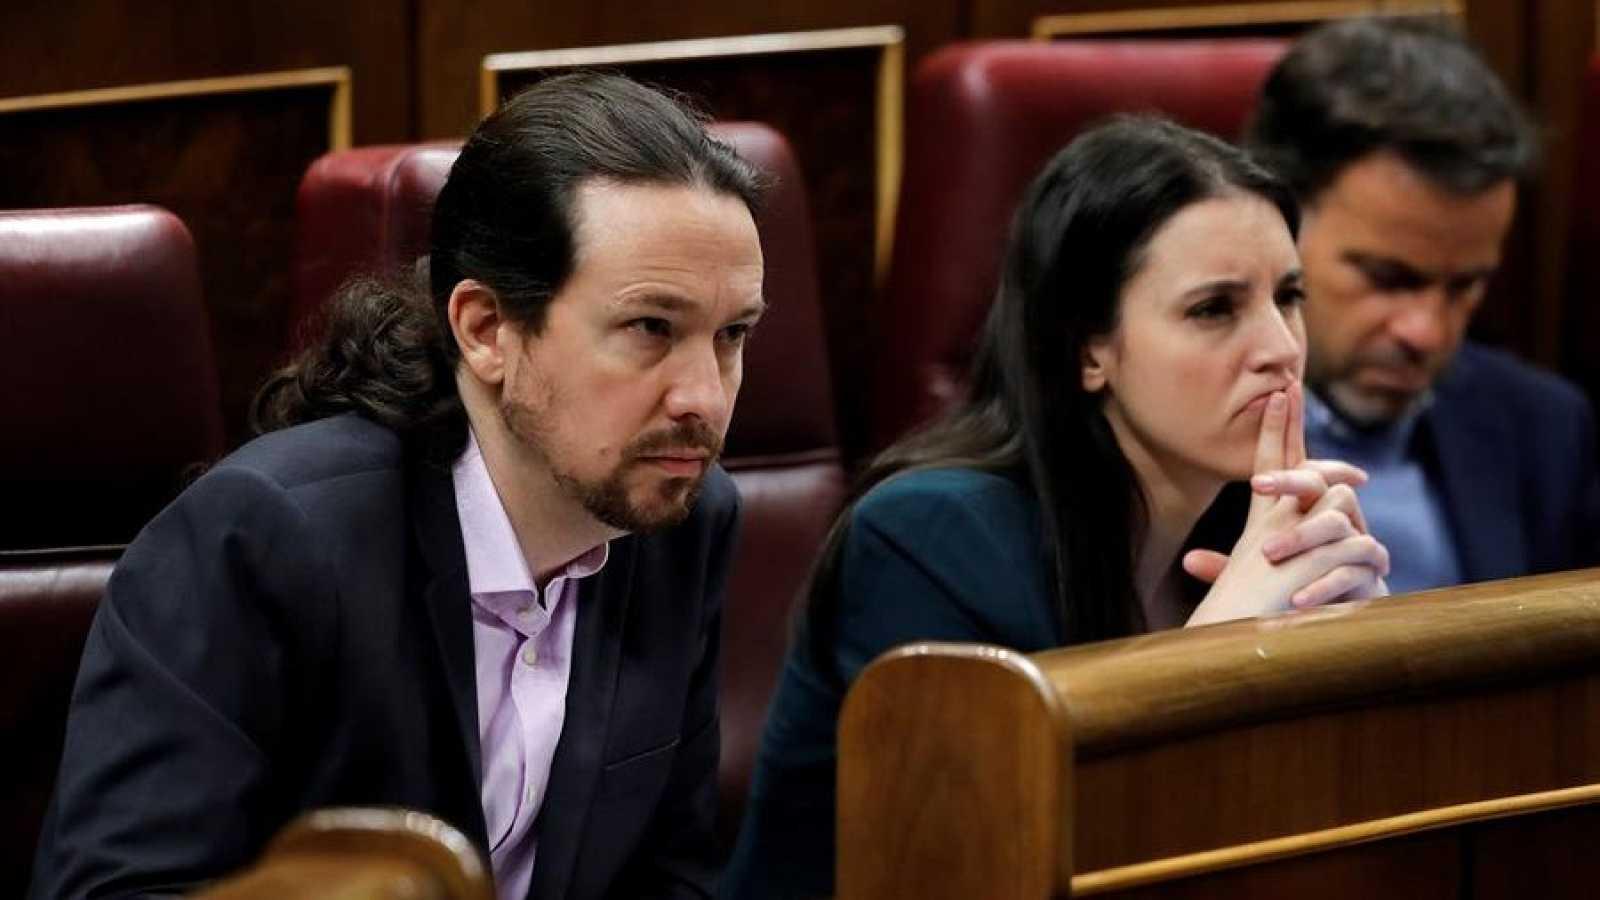 Iglesias y Montero presentan denuncias por amenazas contra sus hijos y ataques a su casa